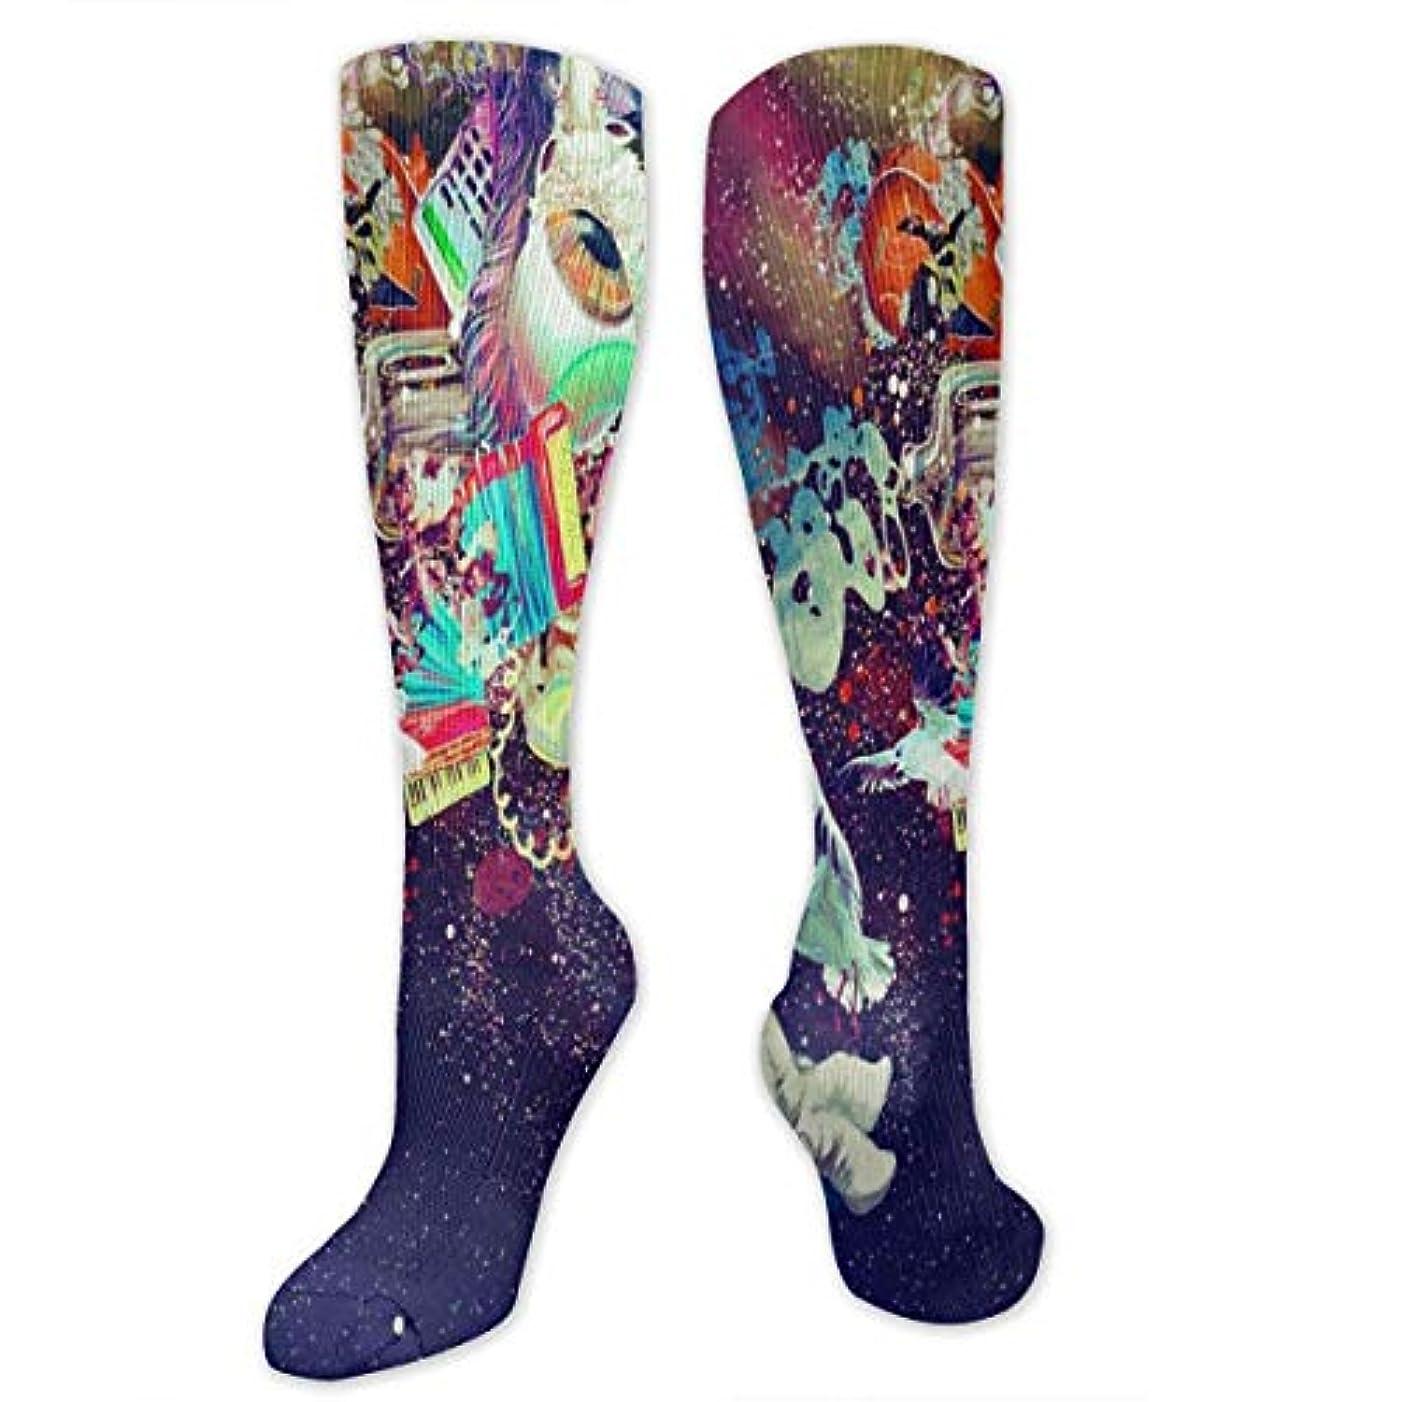 バイナリ川従順女性のトリッピースペース宇宙飛行士カラフルな模様のドレスソックスクルーソックススポーツ用